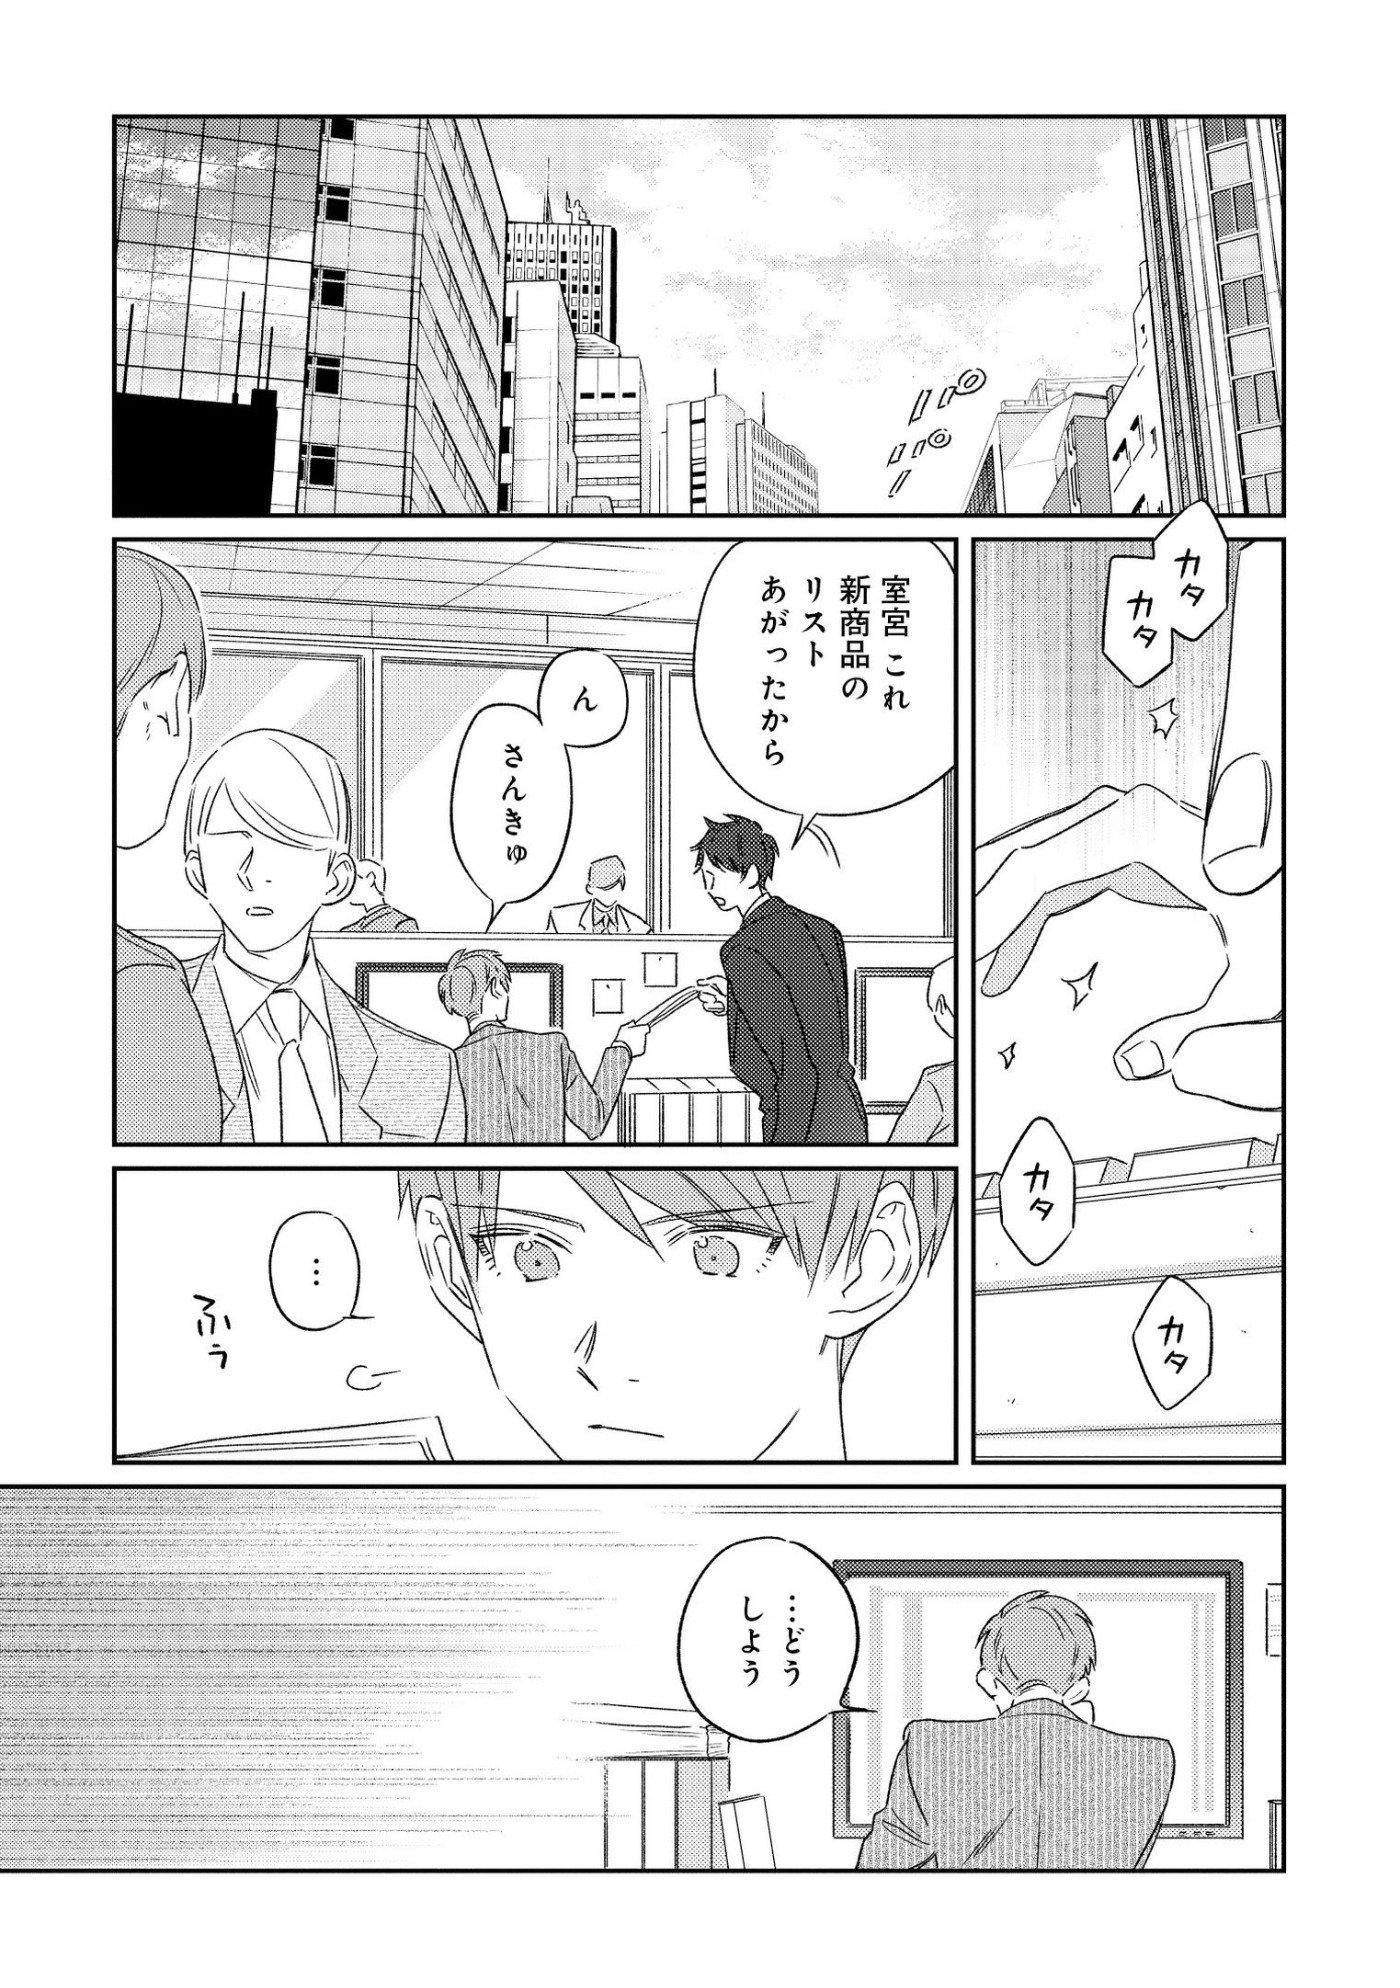 ゲイ ノンケ 恋愛 ファンタジー